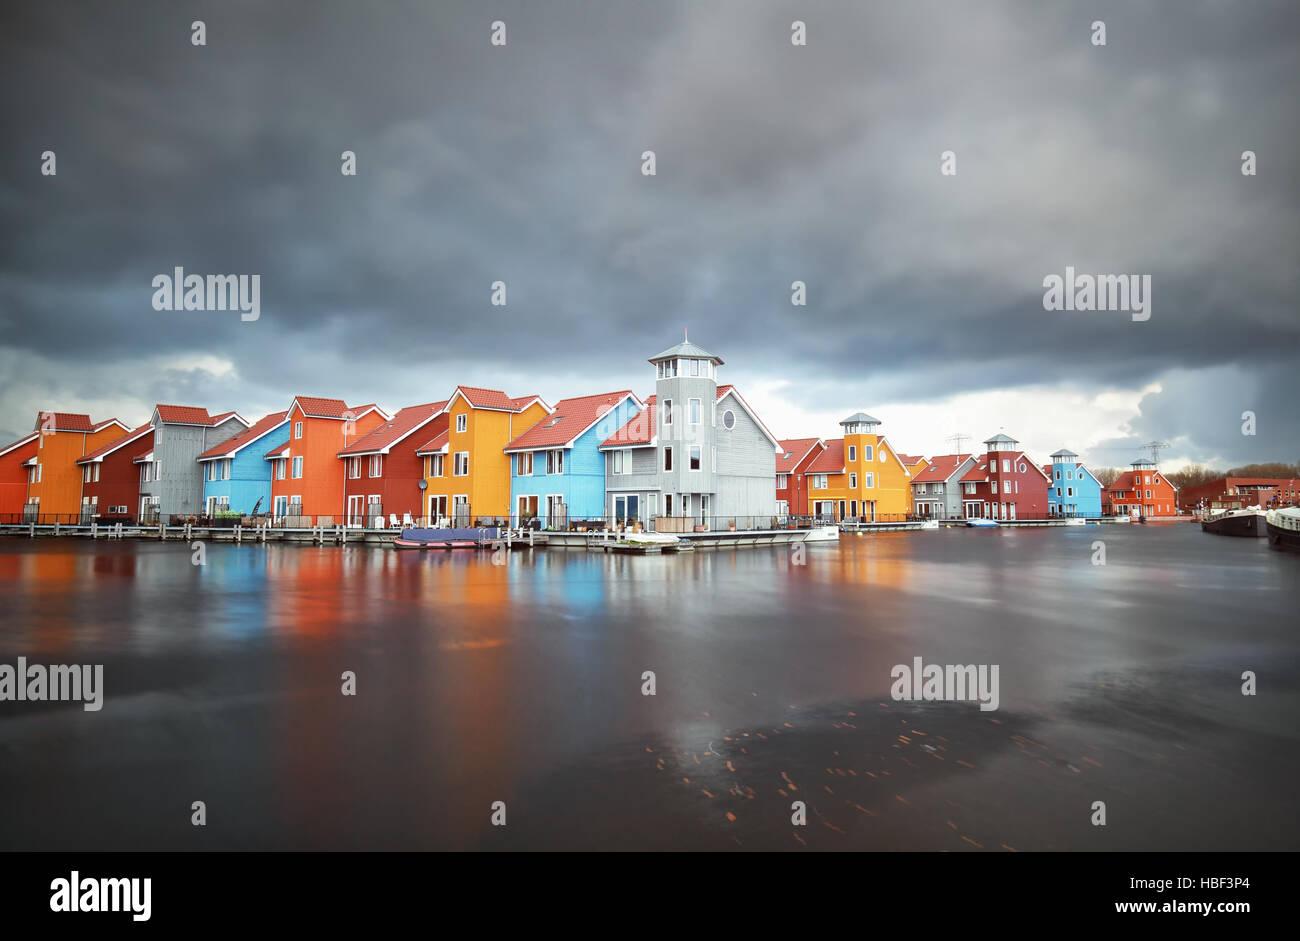 Los coloridos edificios sobre el agua durante la tormenta Imagen De Stock